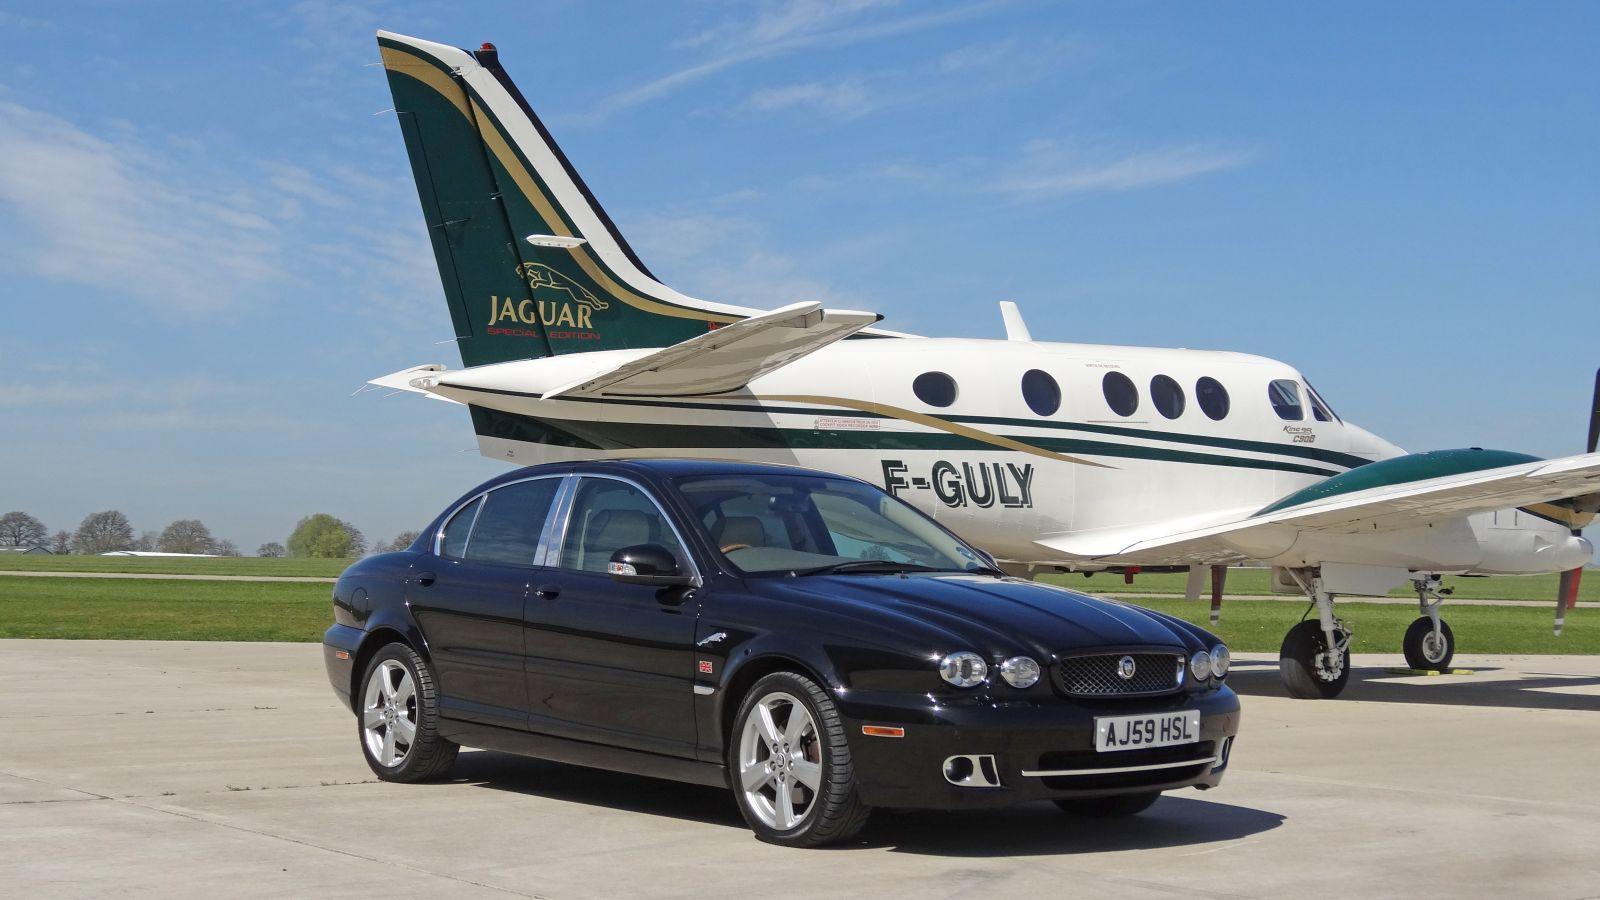 Jaguar Car and Aircraft 1